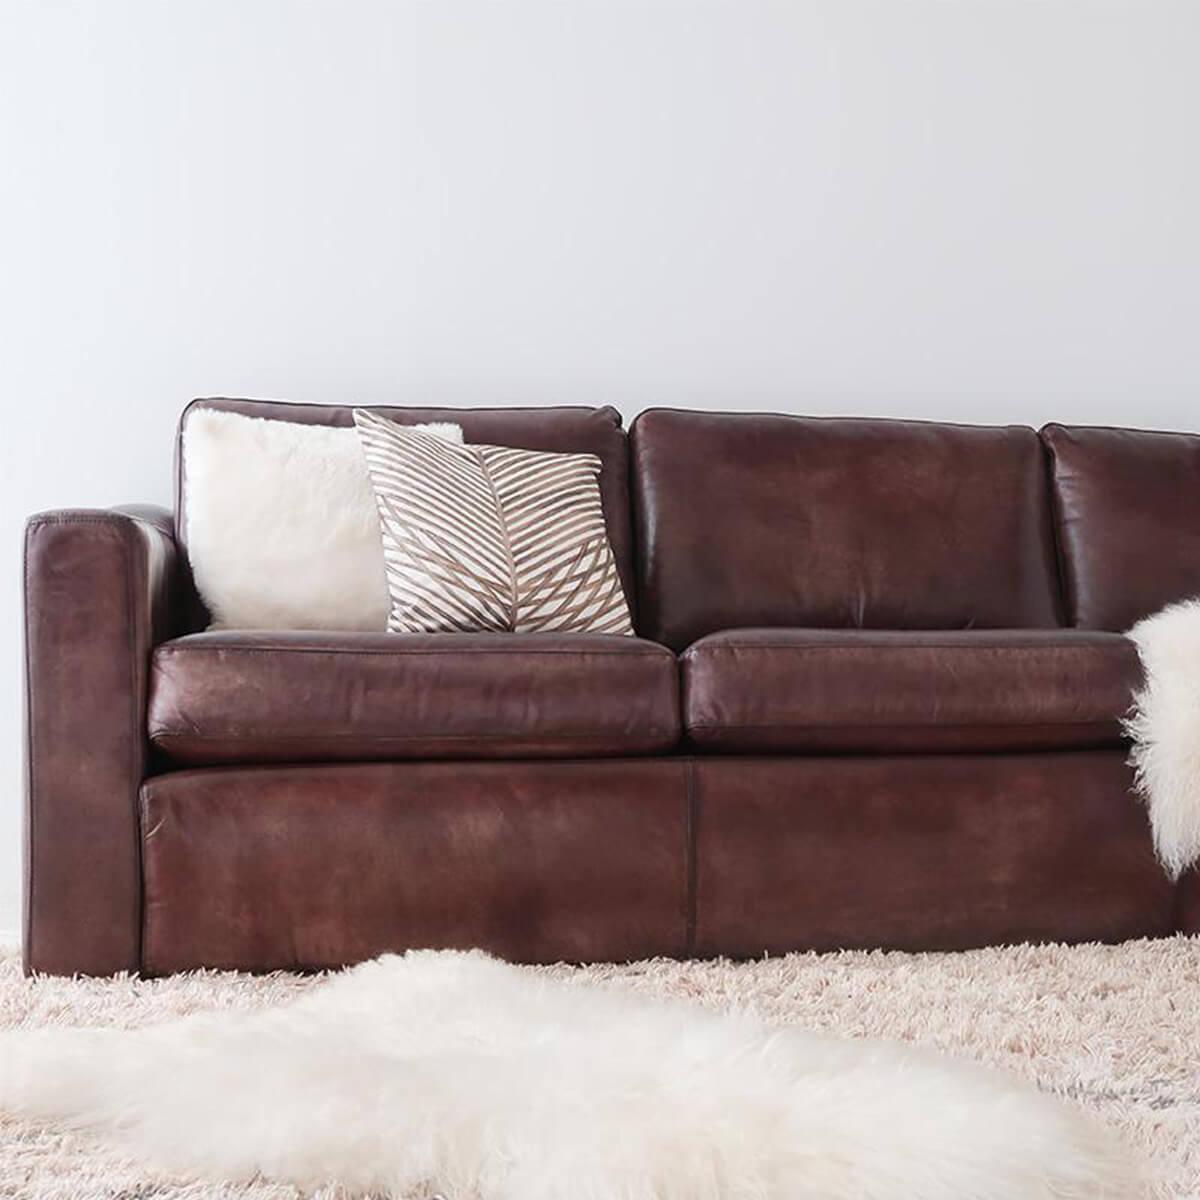 cognac-leather-sofa-cozy-home-dubai